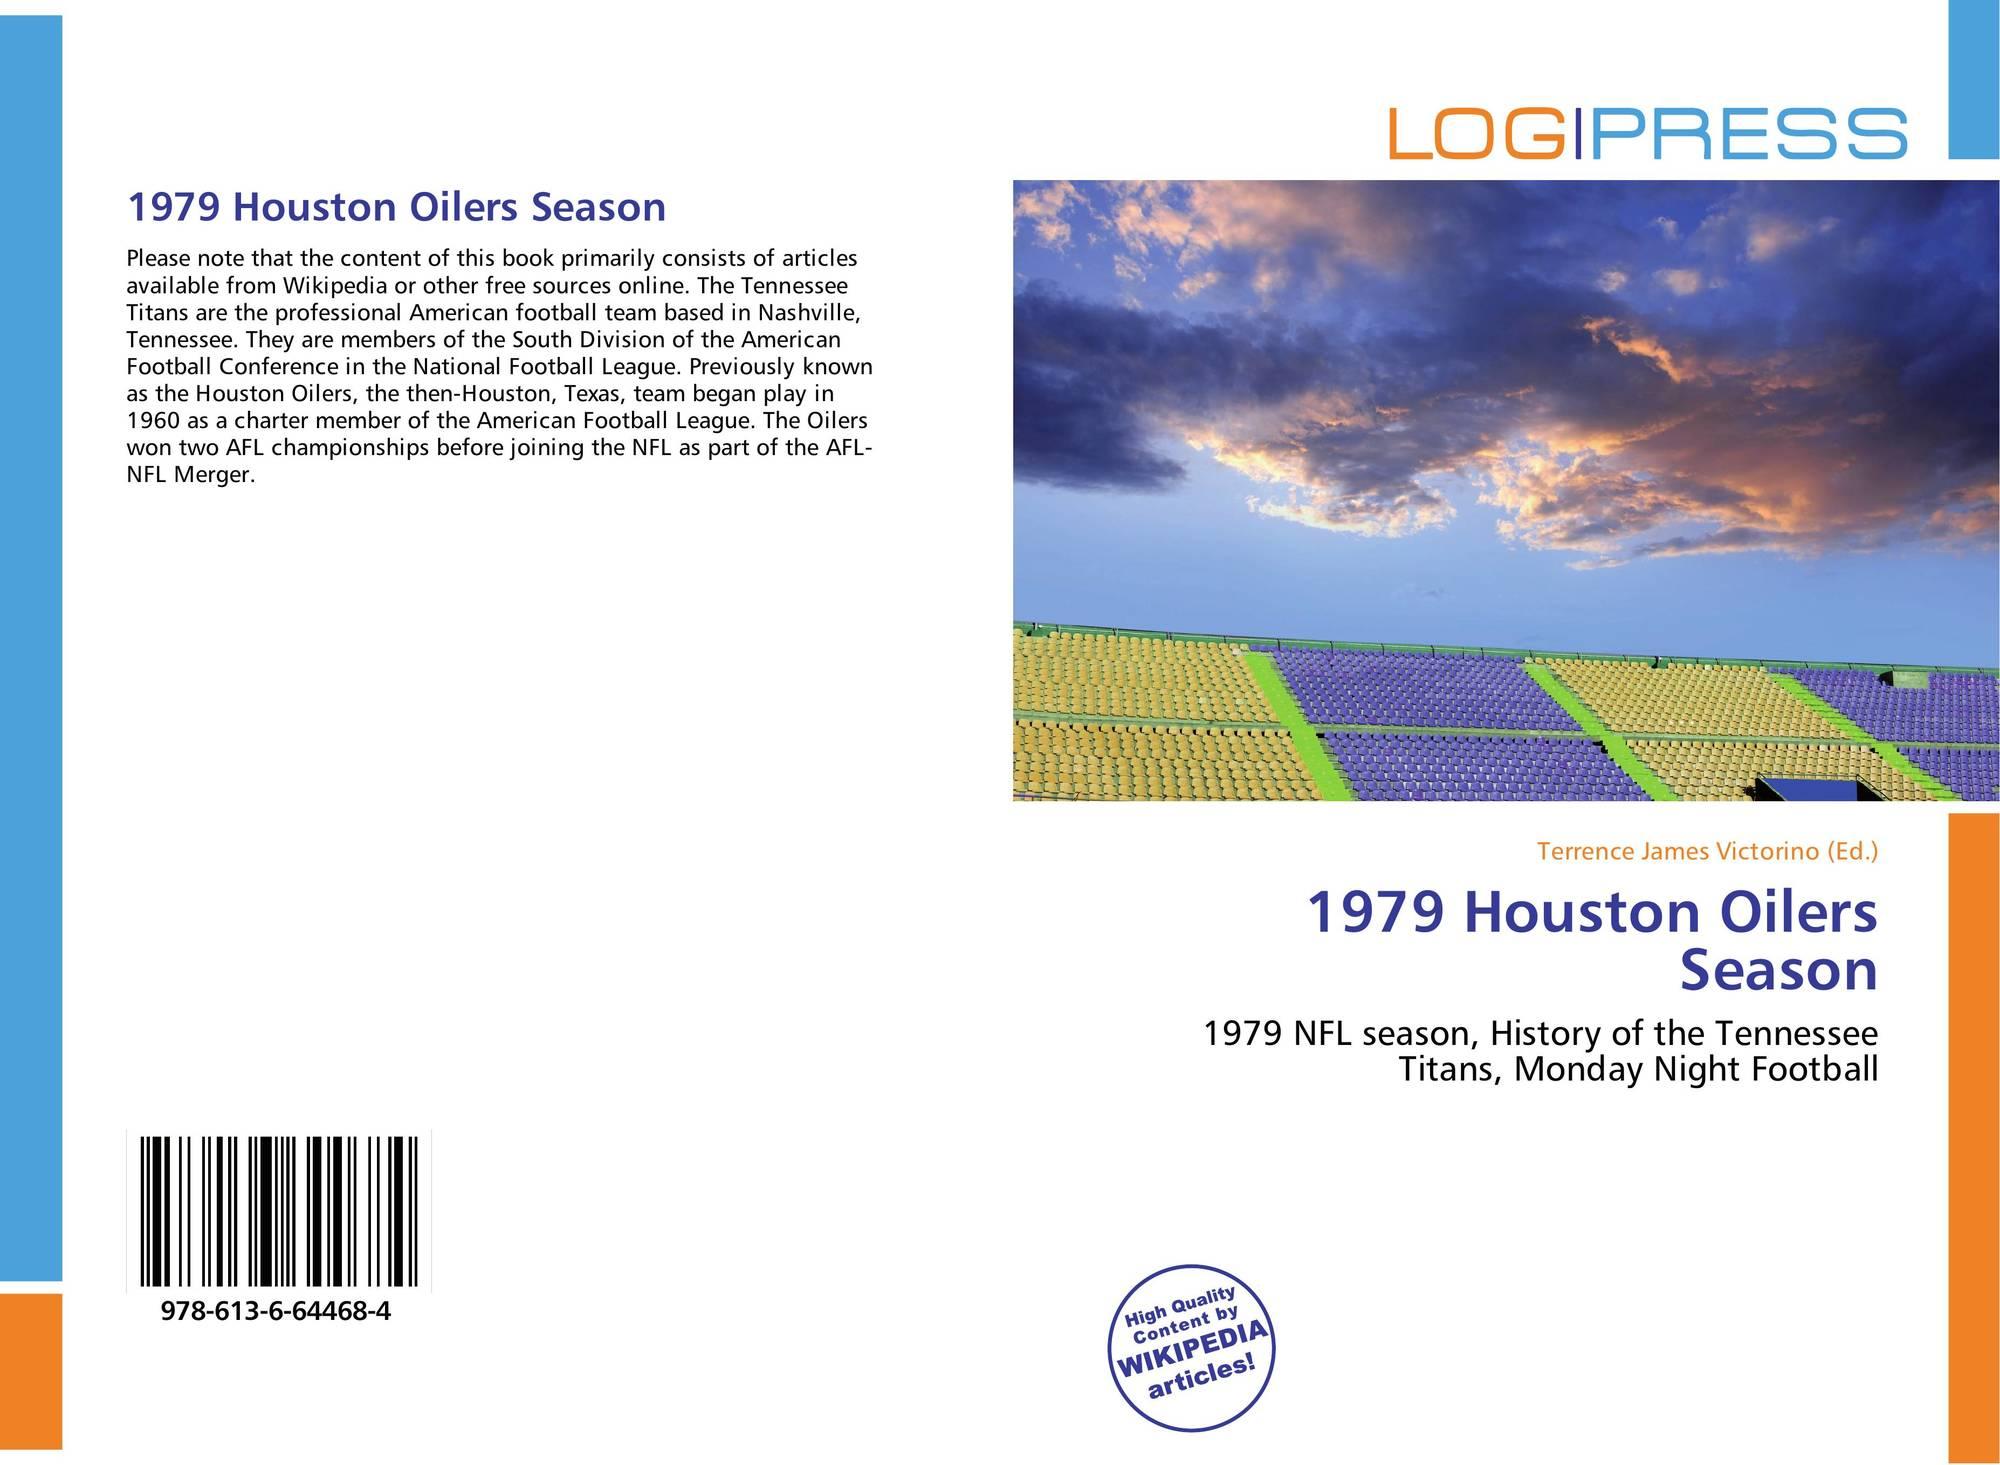 Bookcover of 1979 Houston Oilers Season. 9786136644684 7da1bc9a6